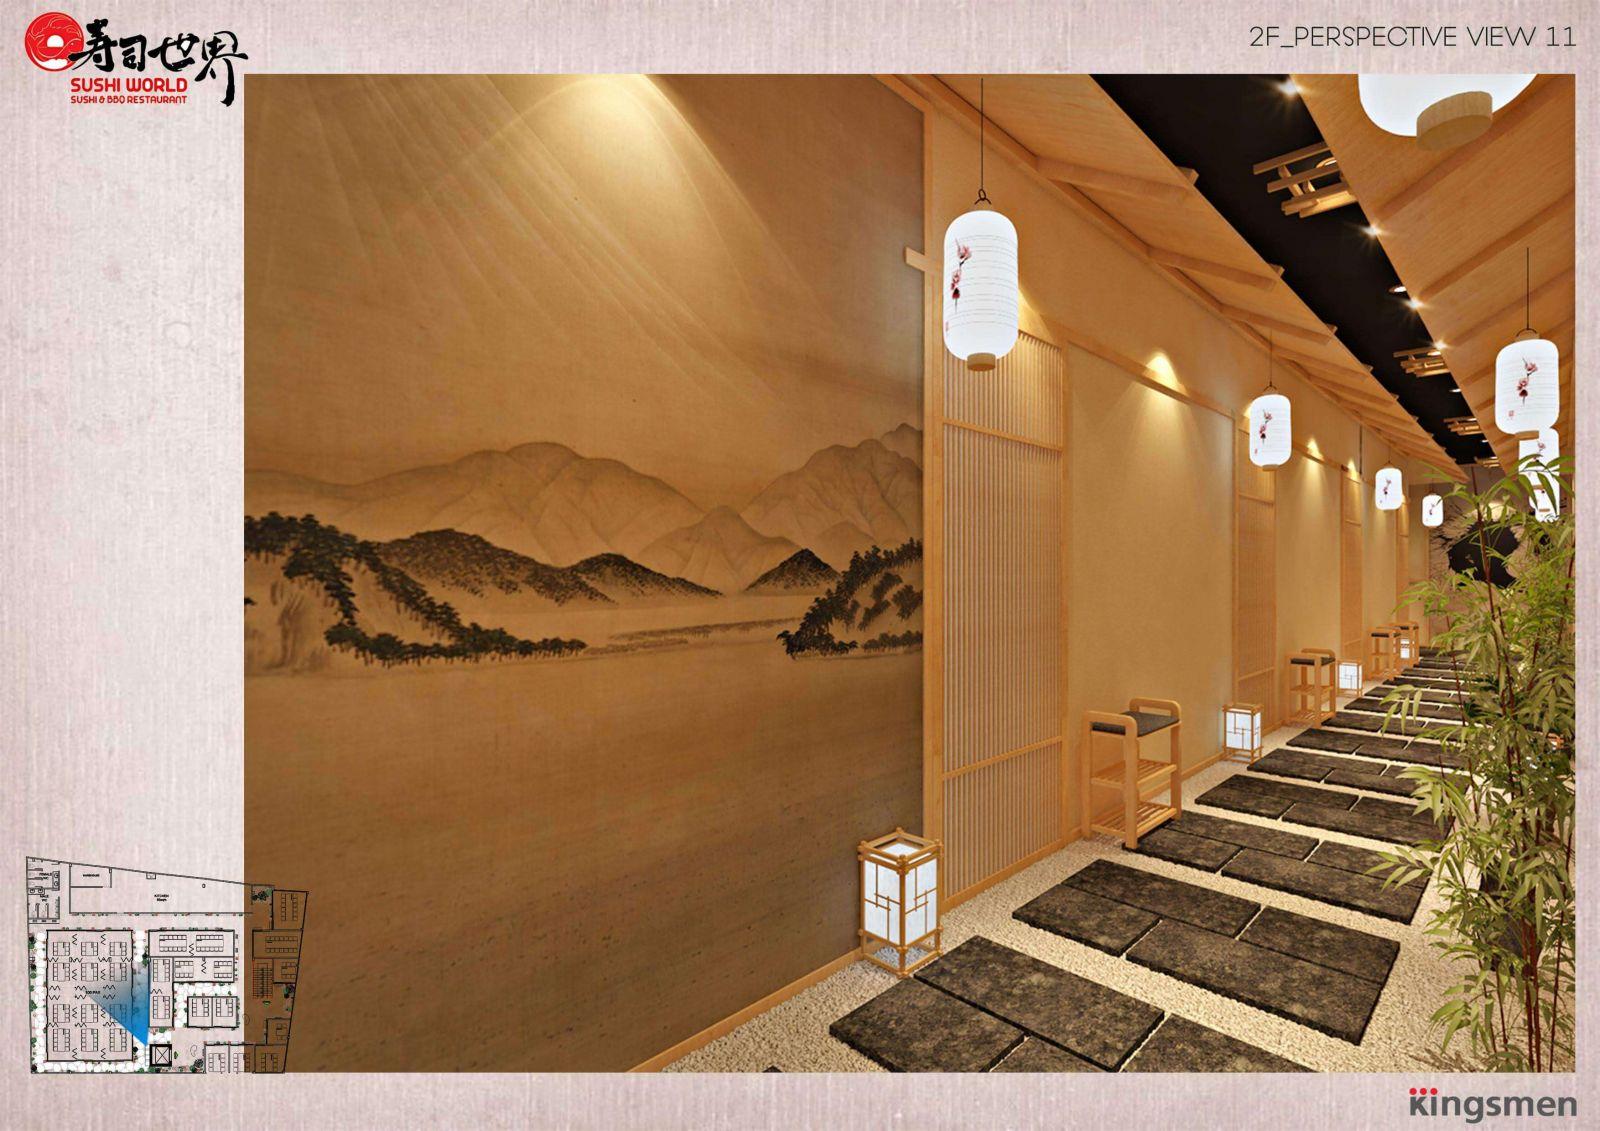 thiết kế sử dụng chất liệu gỗ vào trong không gian nội thất nhà hàng